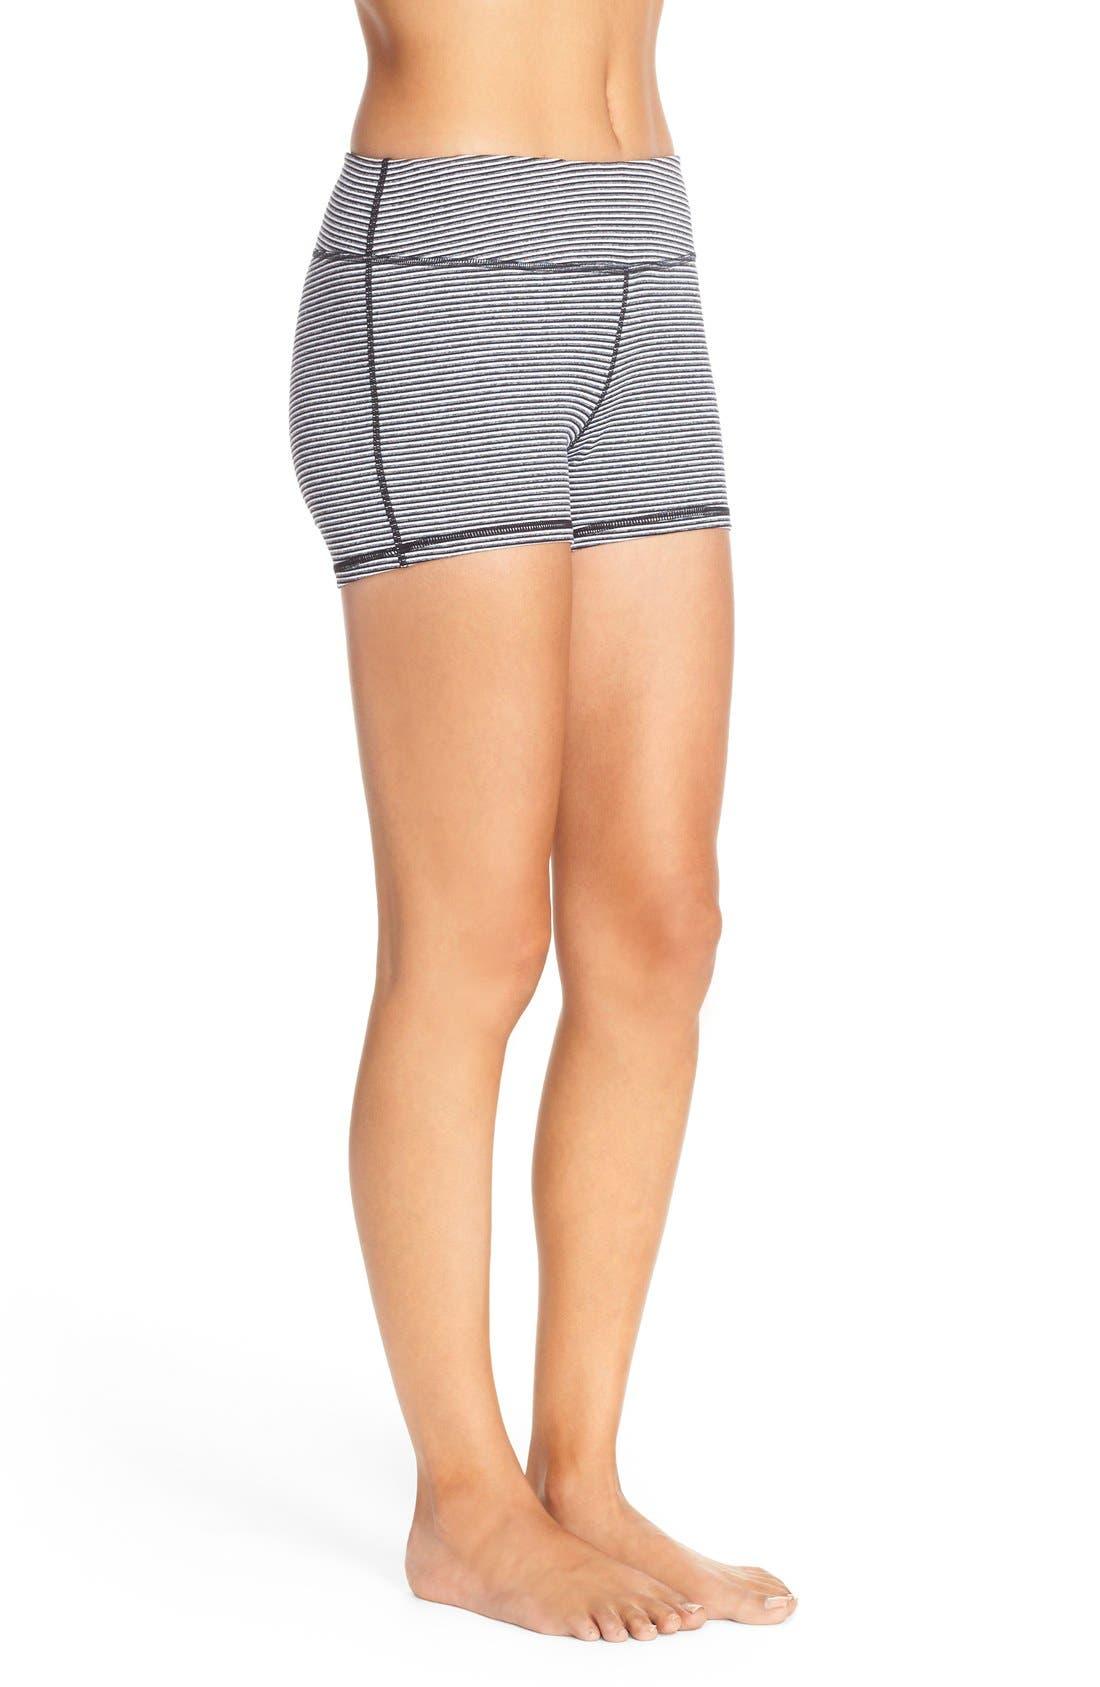 Alternate Image 3  - Zella 'Haute' Compression Shorts